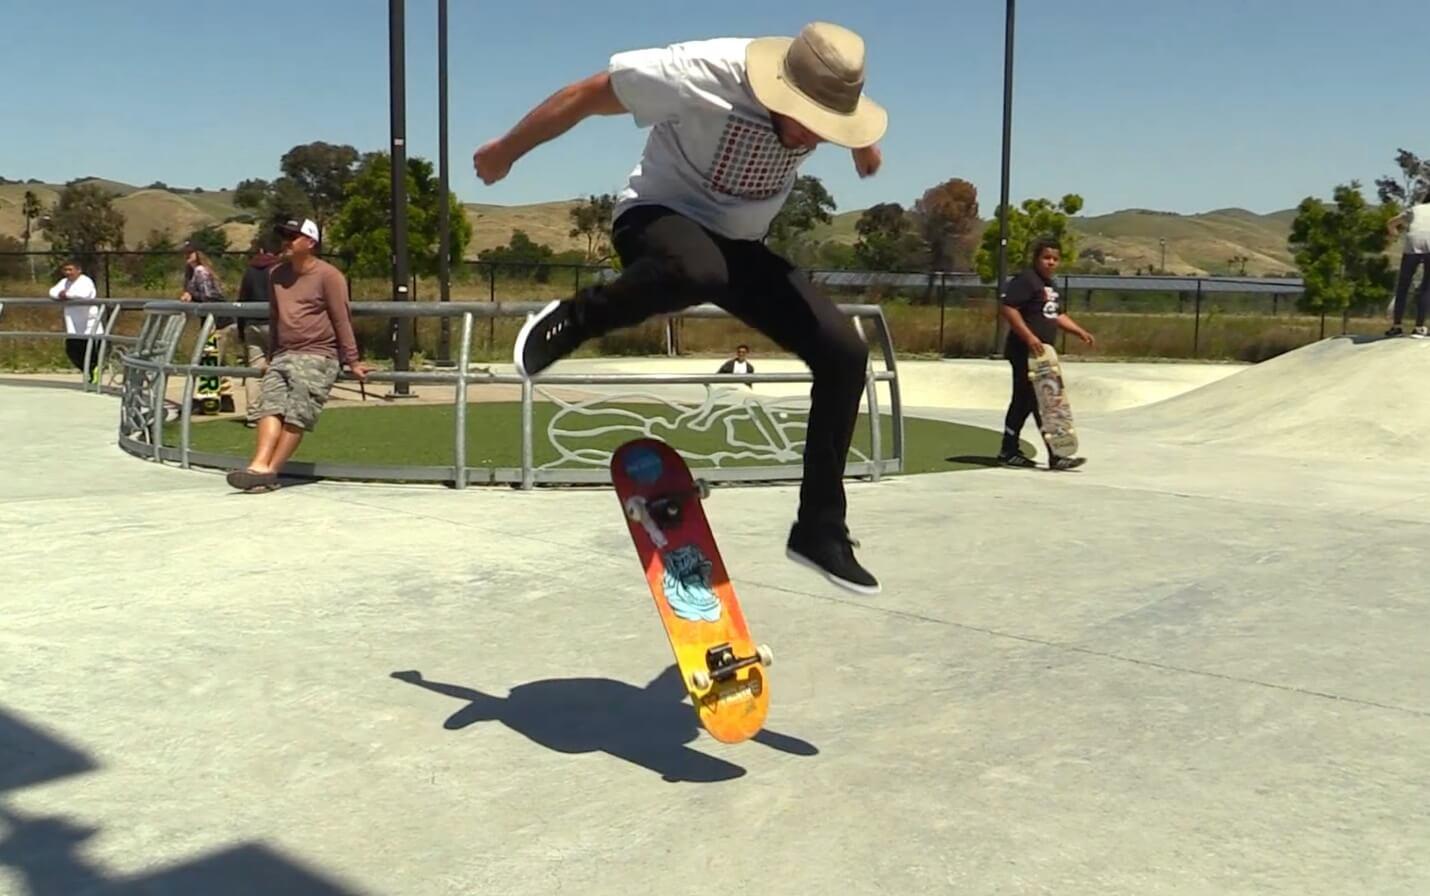 Skateboard tricks for beginners